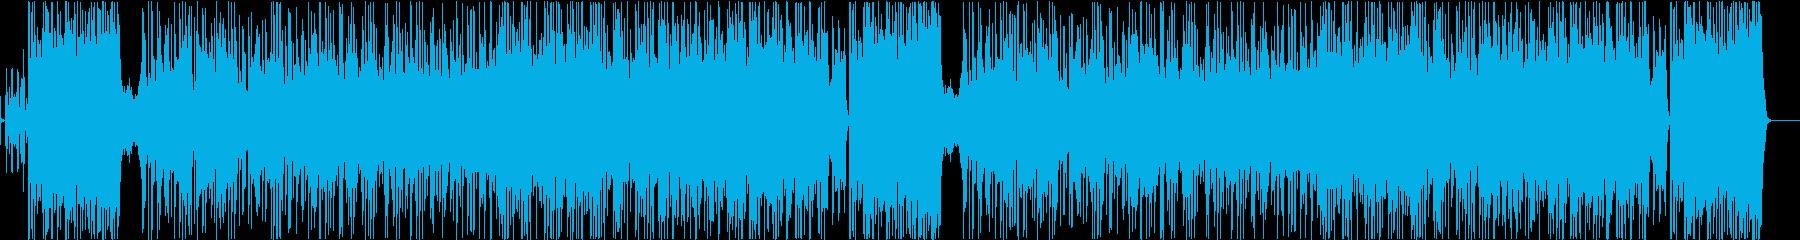 メロウなHip_Hop_Cutie_の再生済みの波形